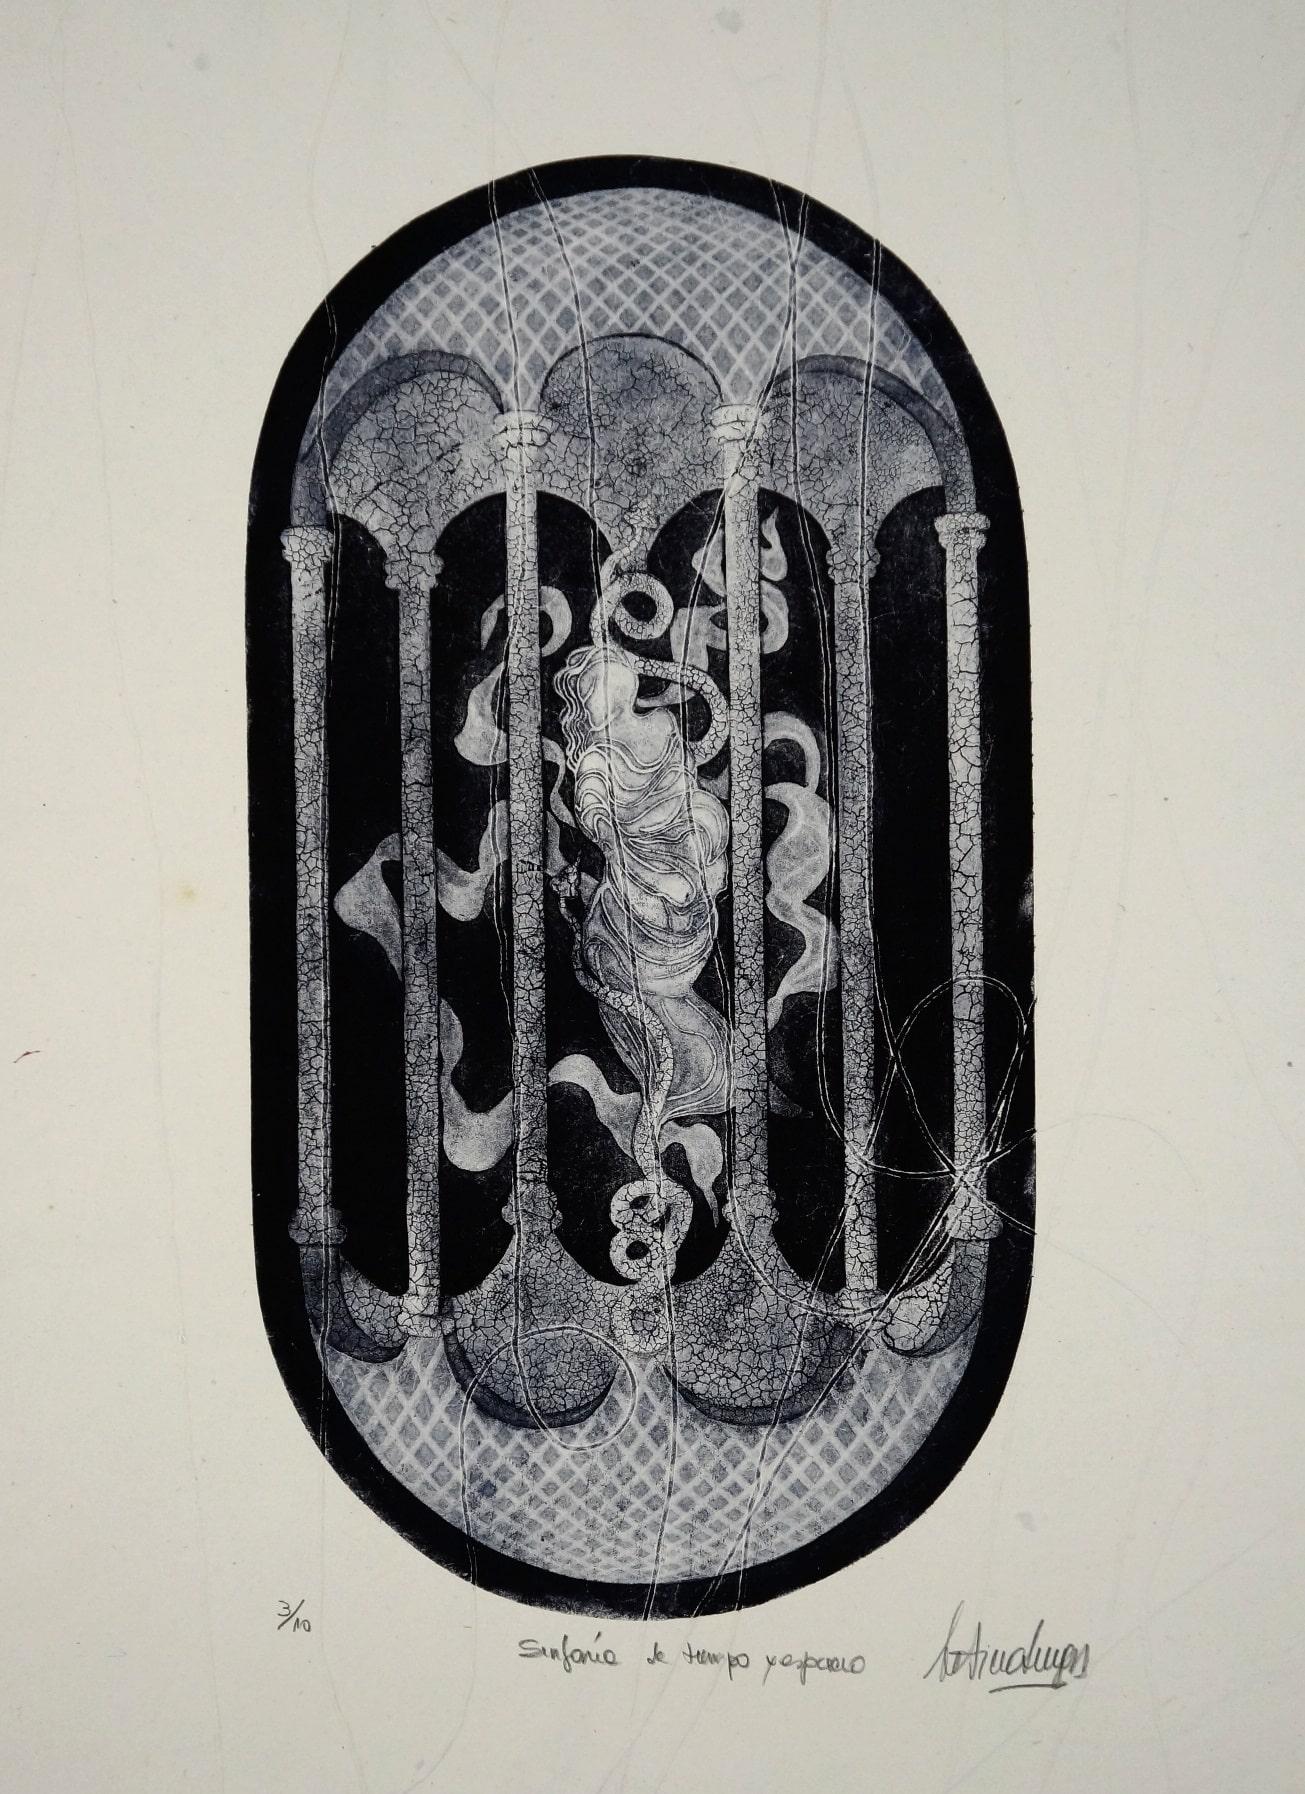 Sinfonia de tiempo y espacio_3-10_Mezzatinta_Carta fatta a mano, corda di seta, pigmenti naturali_cm65x46_sd